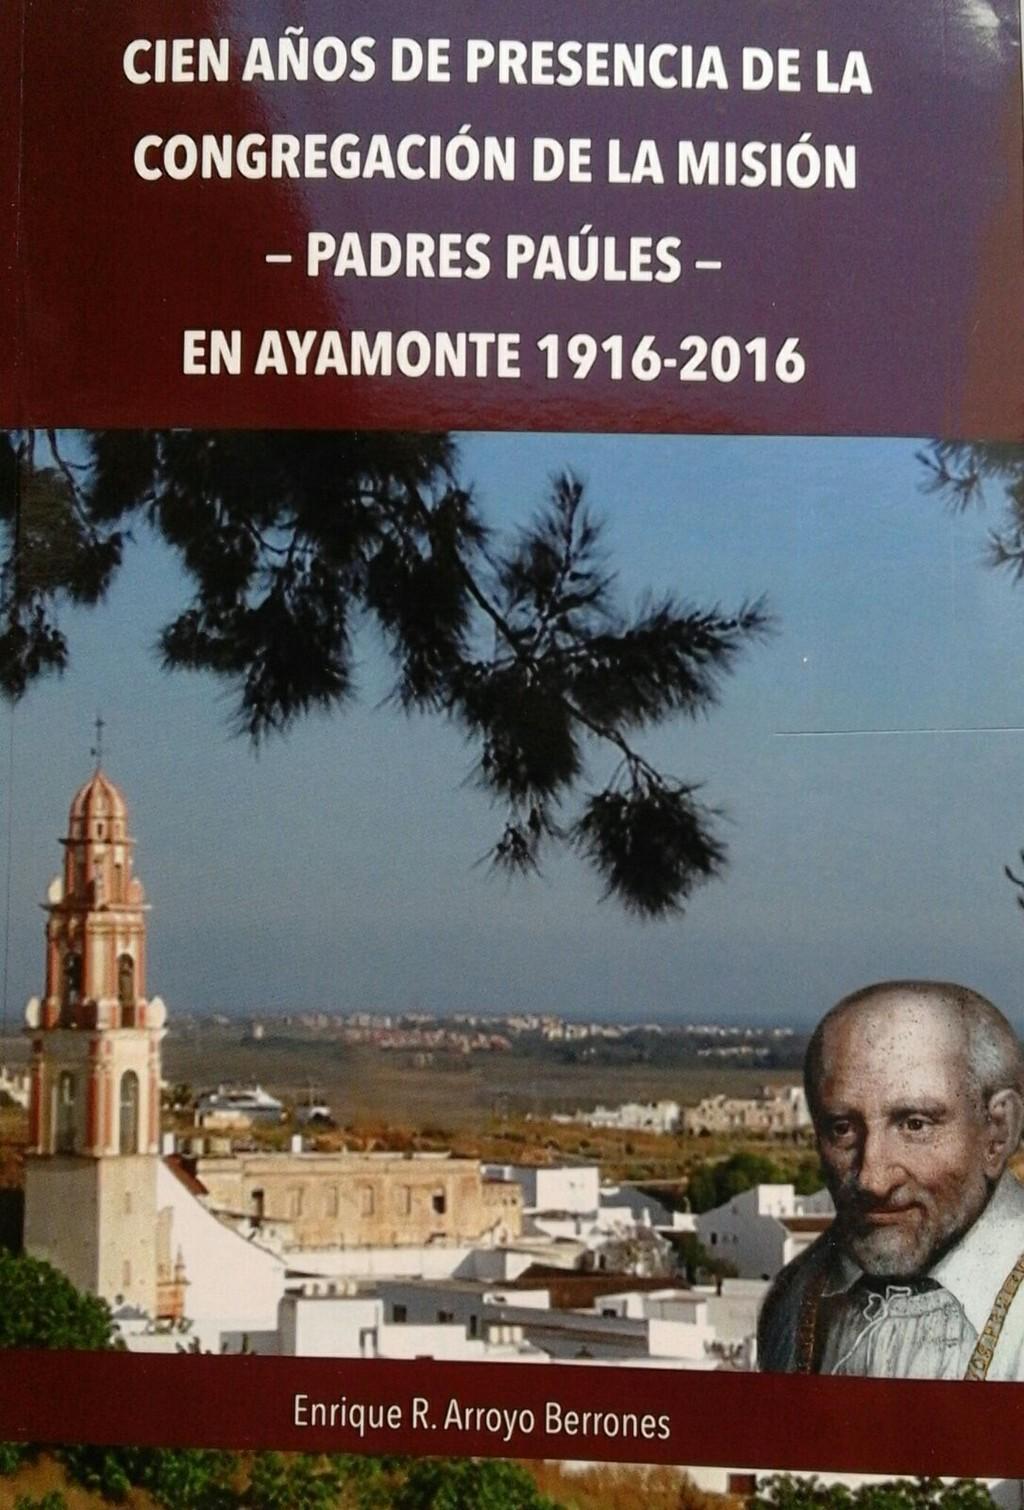 HOY SE PRESENTA UN LIBRO QUE RECOGE LOS CIEN AÑOS DE LA PRESENCIA DE LA COMUNIDAD PAÚL EN AYAMONTE